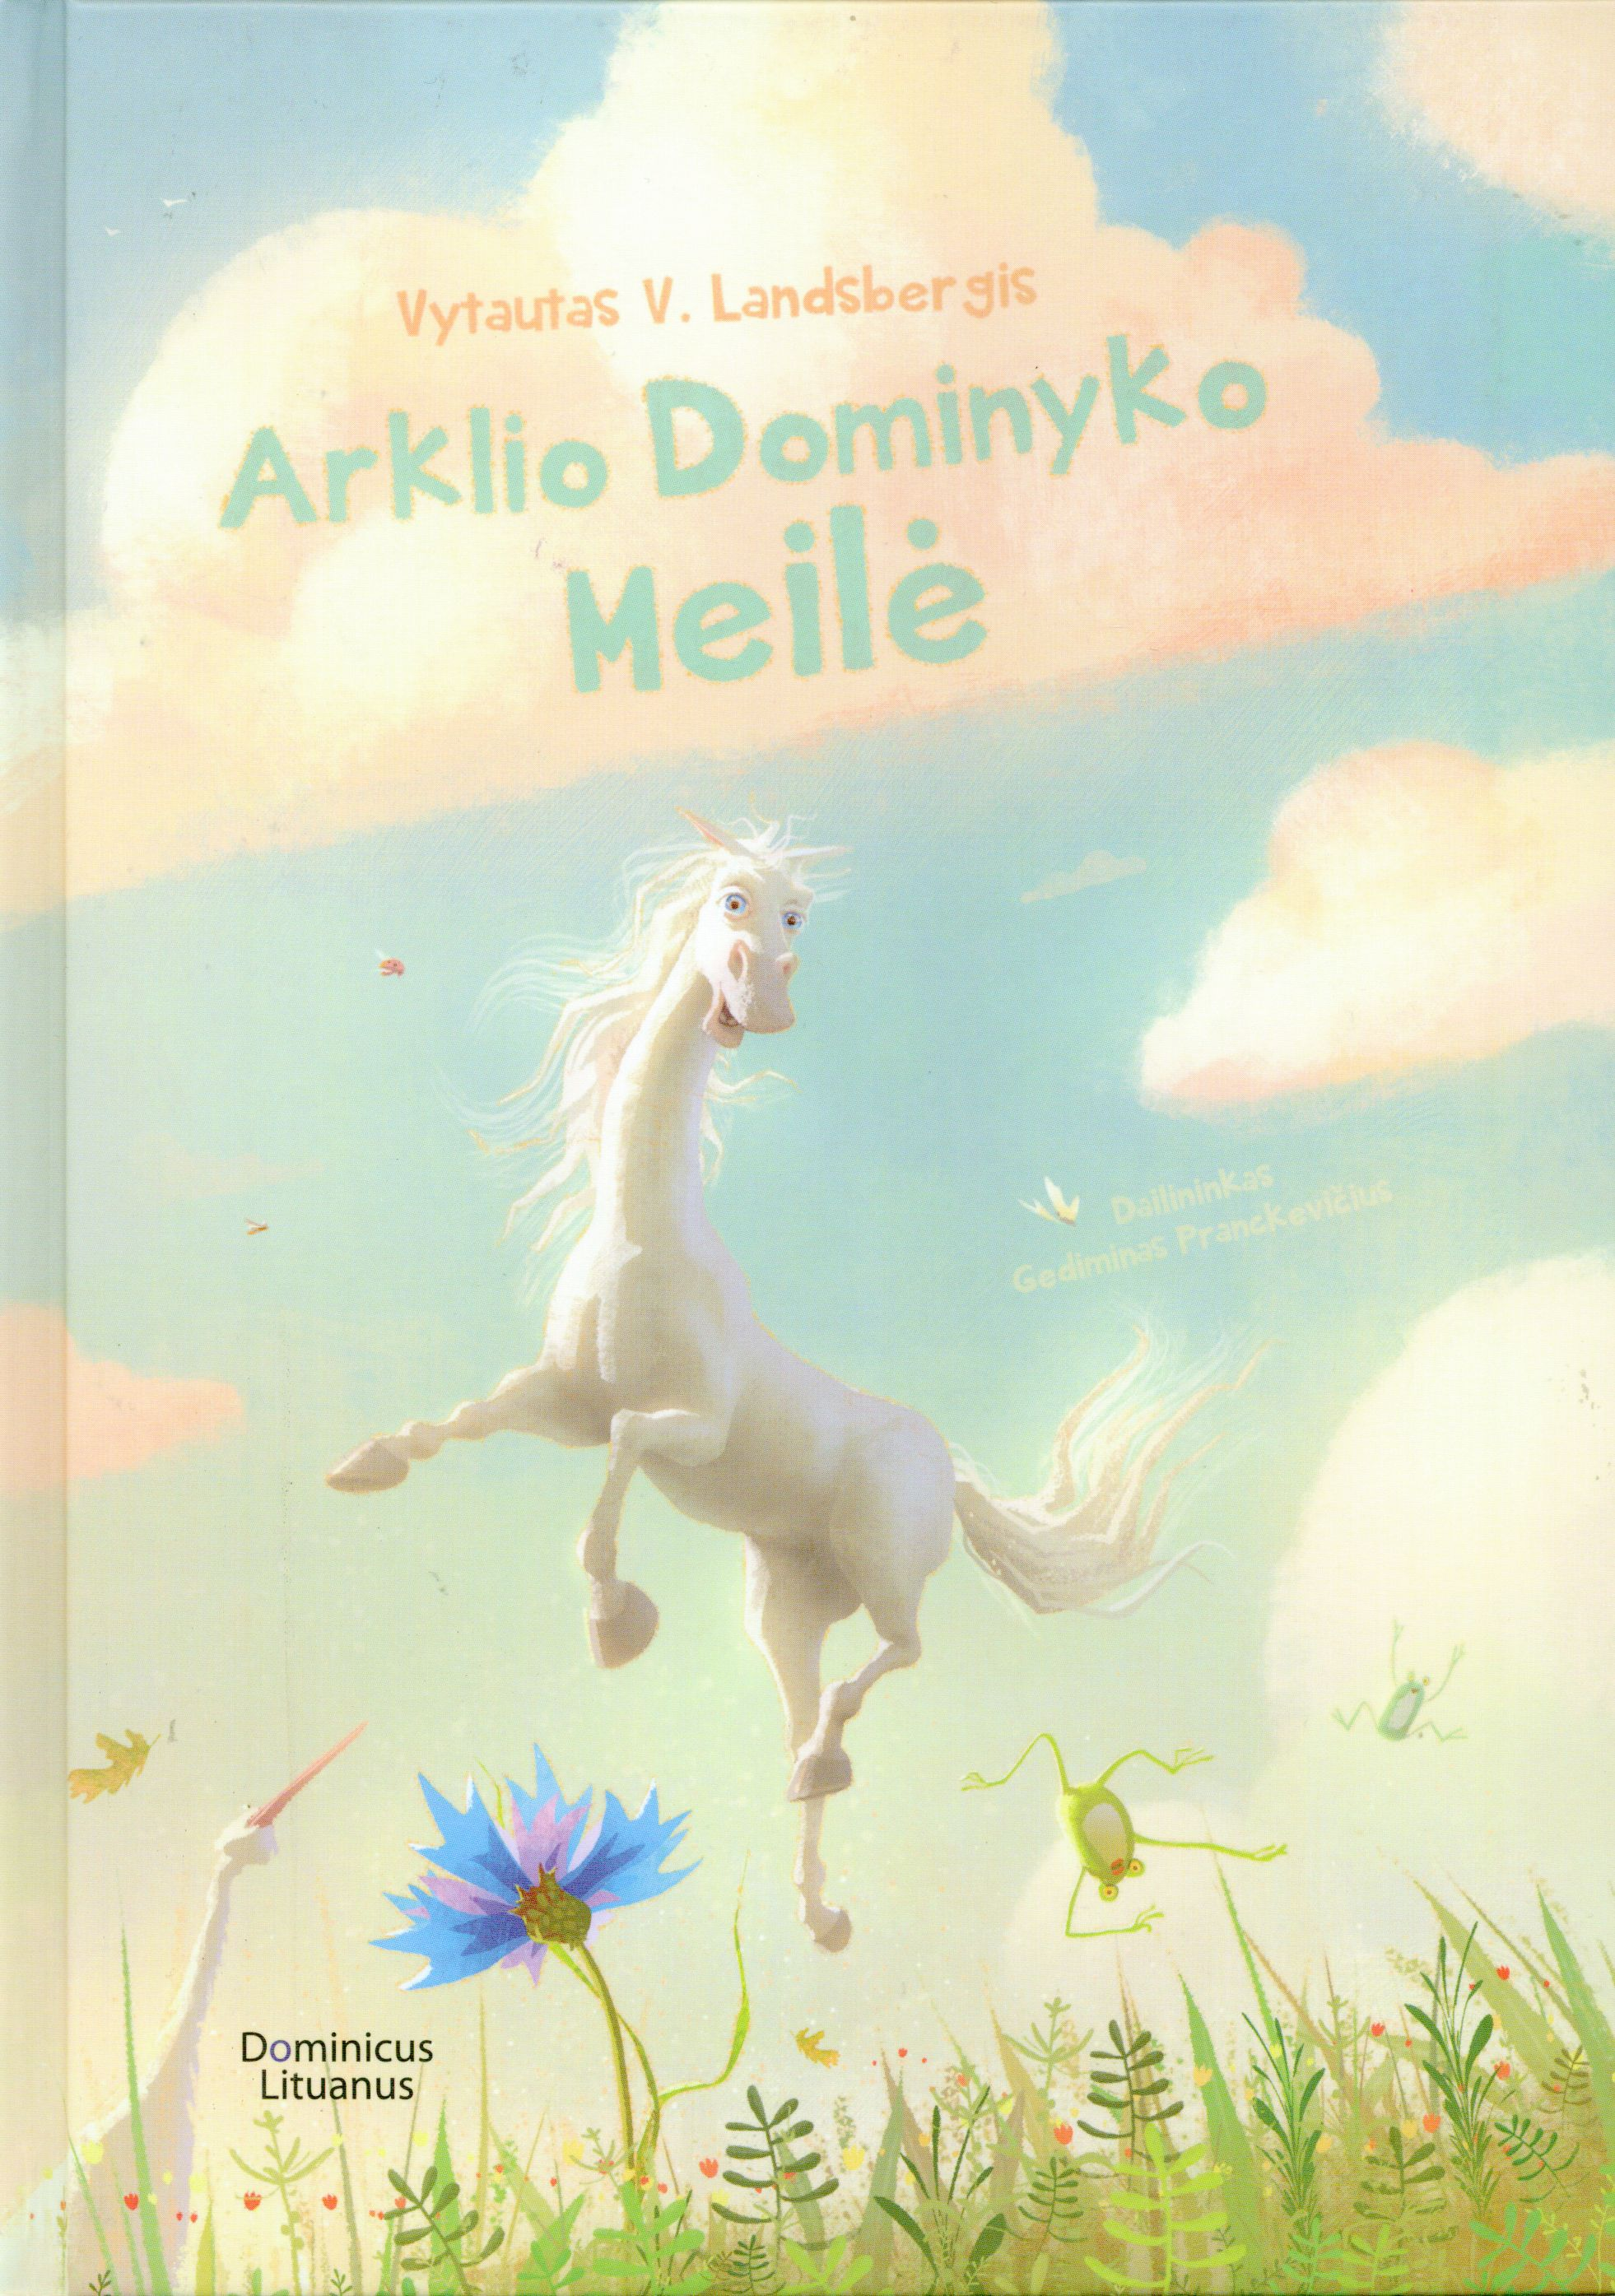 Arklio Dominyko meilė